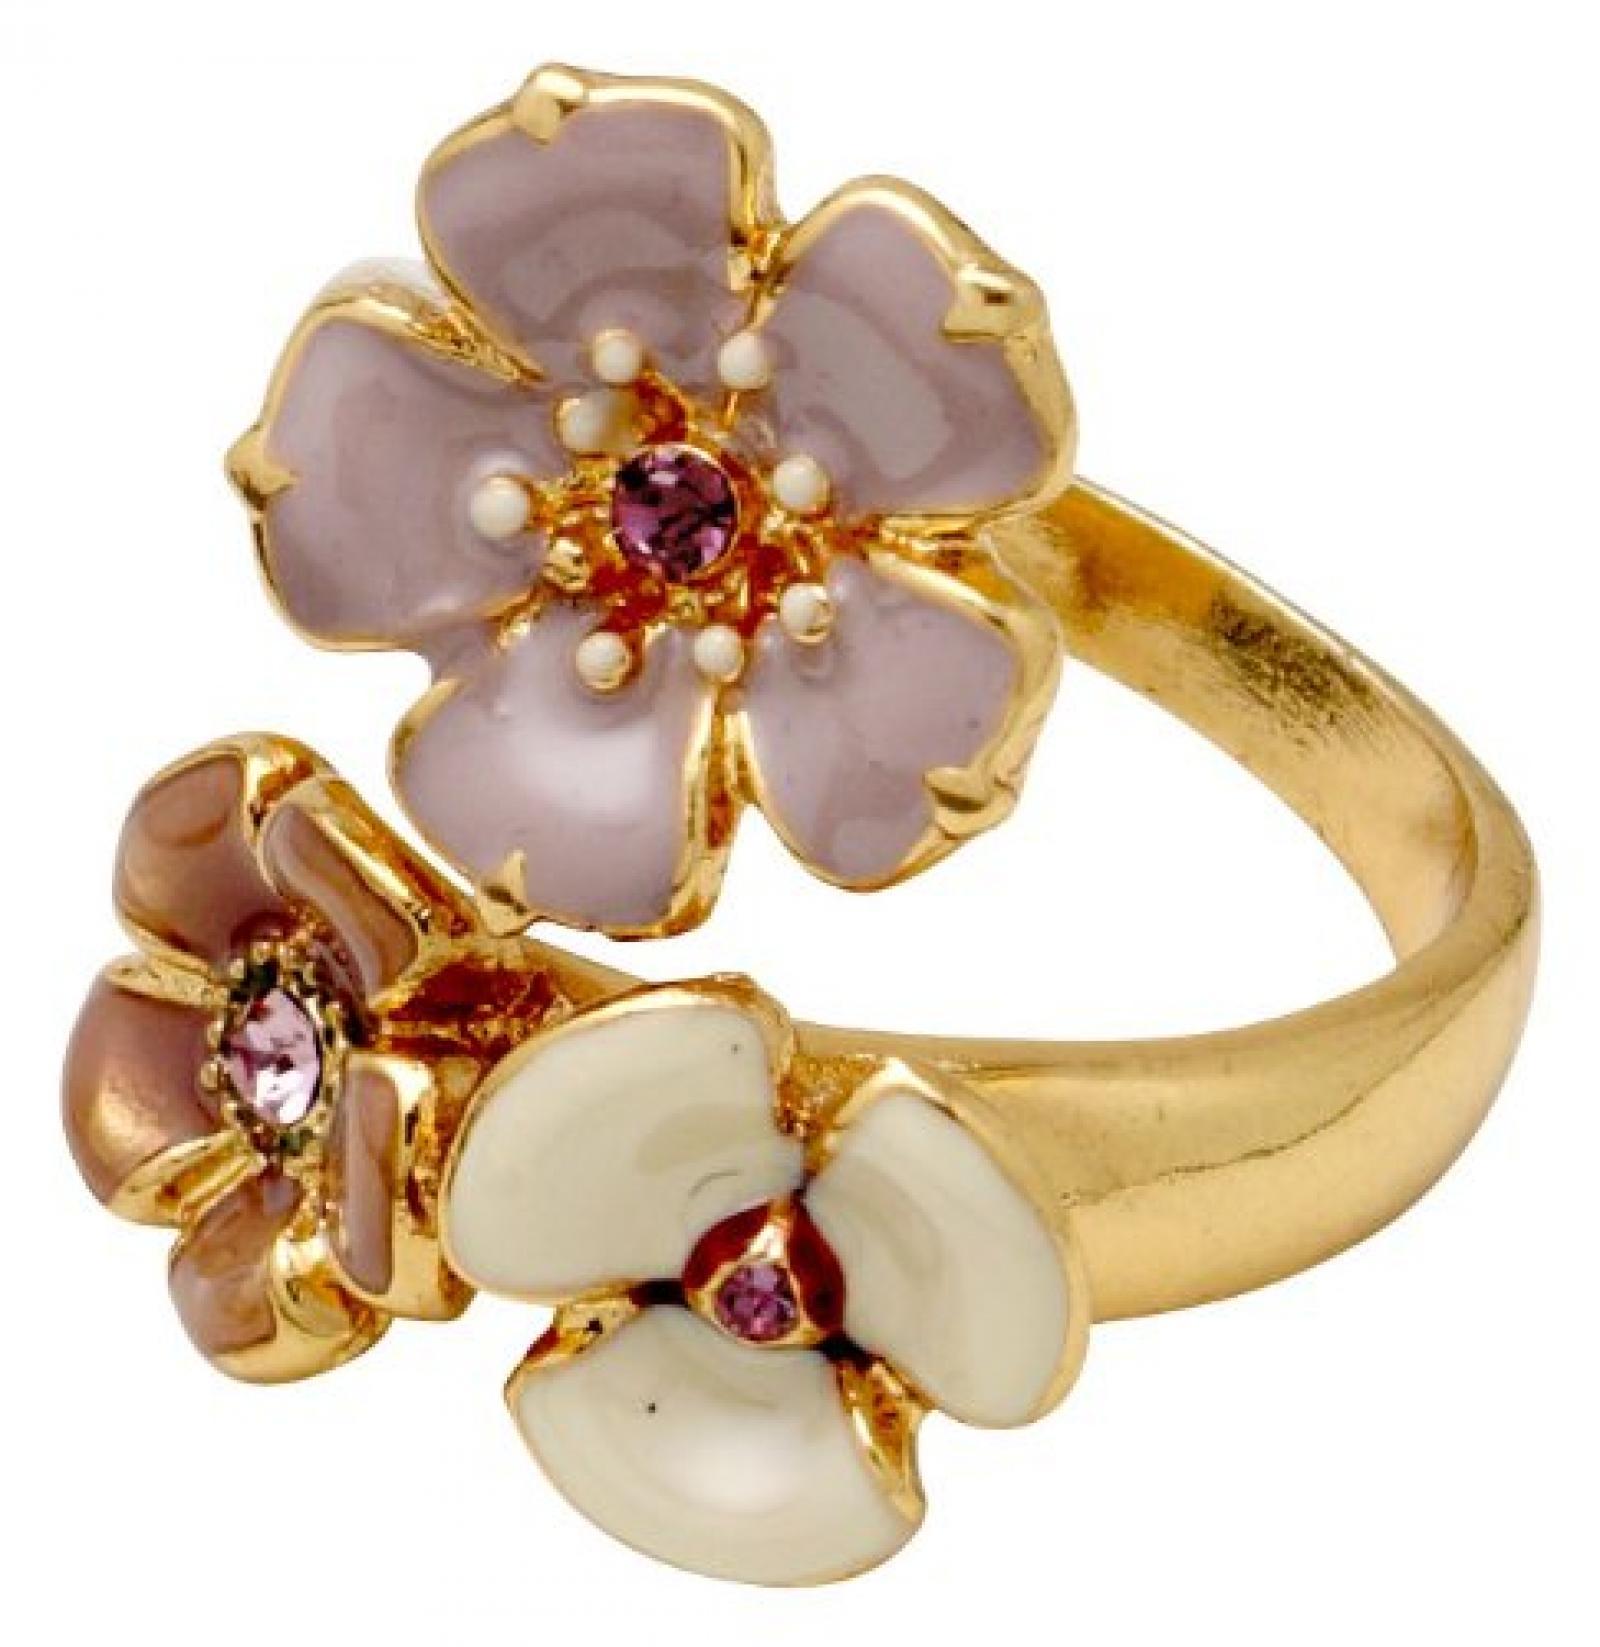 Pilgrim Jewelry Damen-Ring Messing Emaille Glaskristall Dearest violett Gr. 221342604